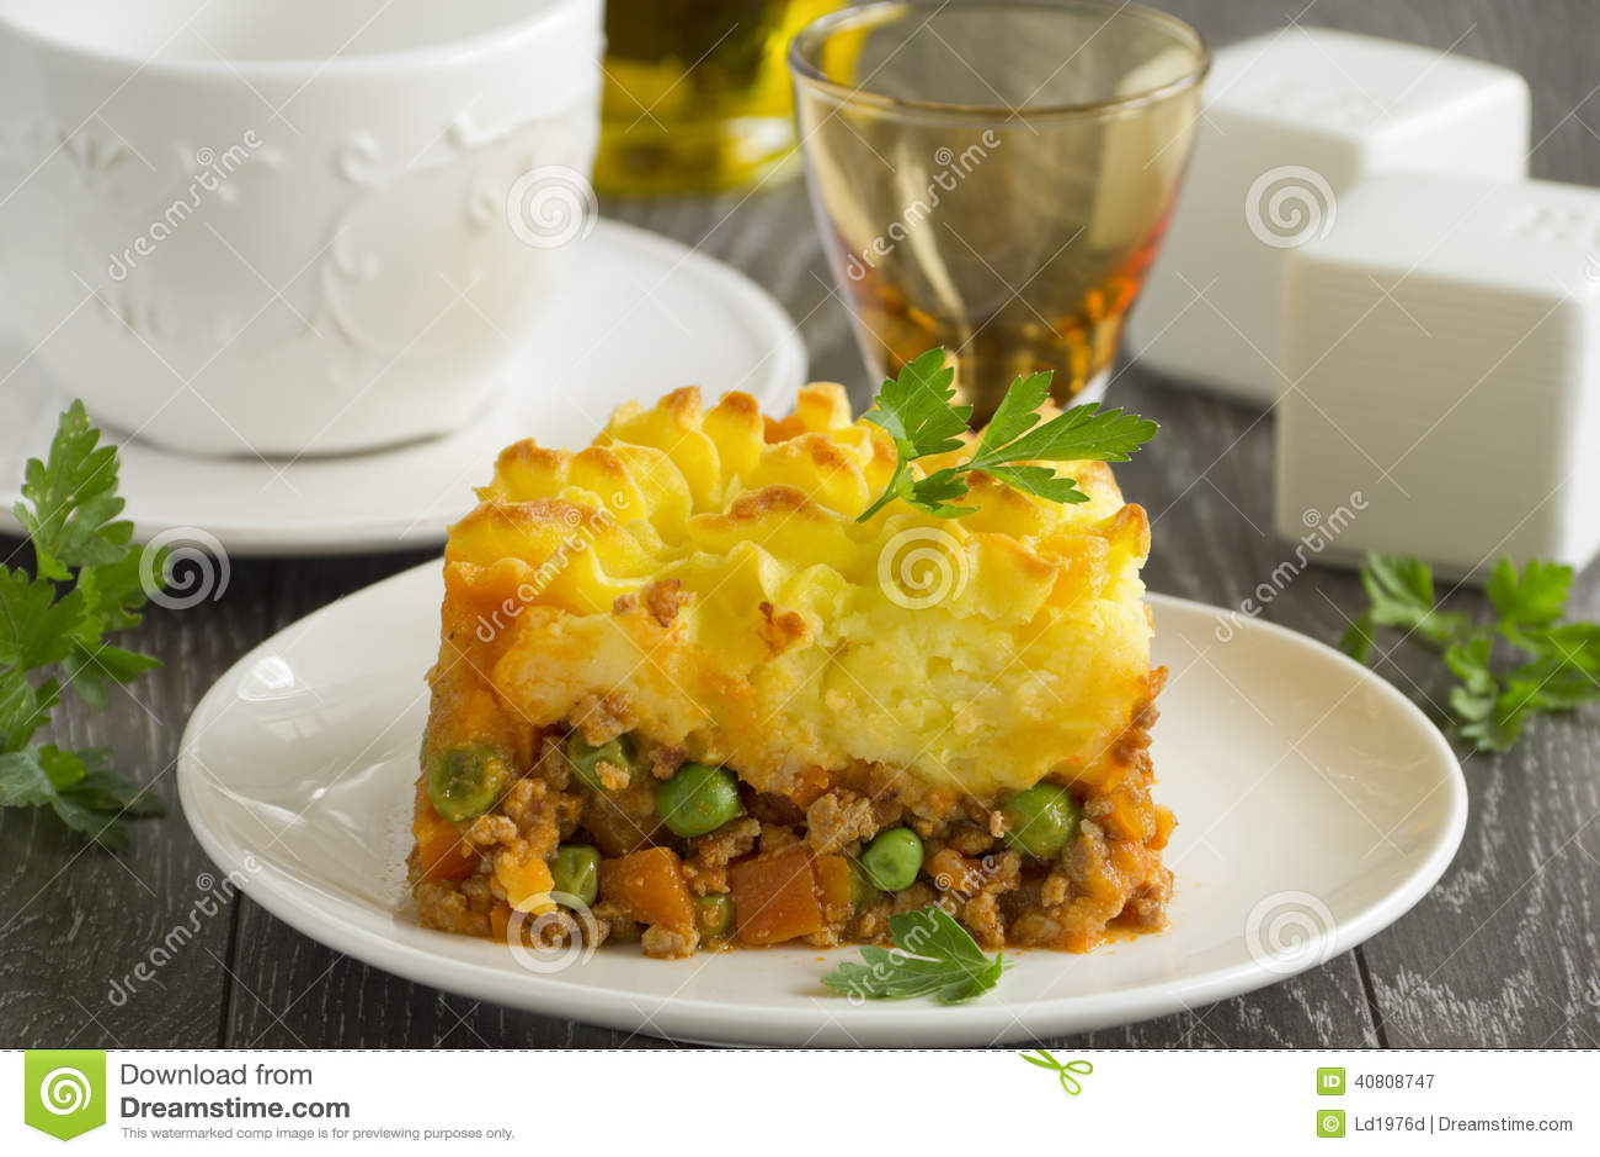 Torta Di Carne, Cucina Inglese Immagine Stock - Immagine di carne ...